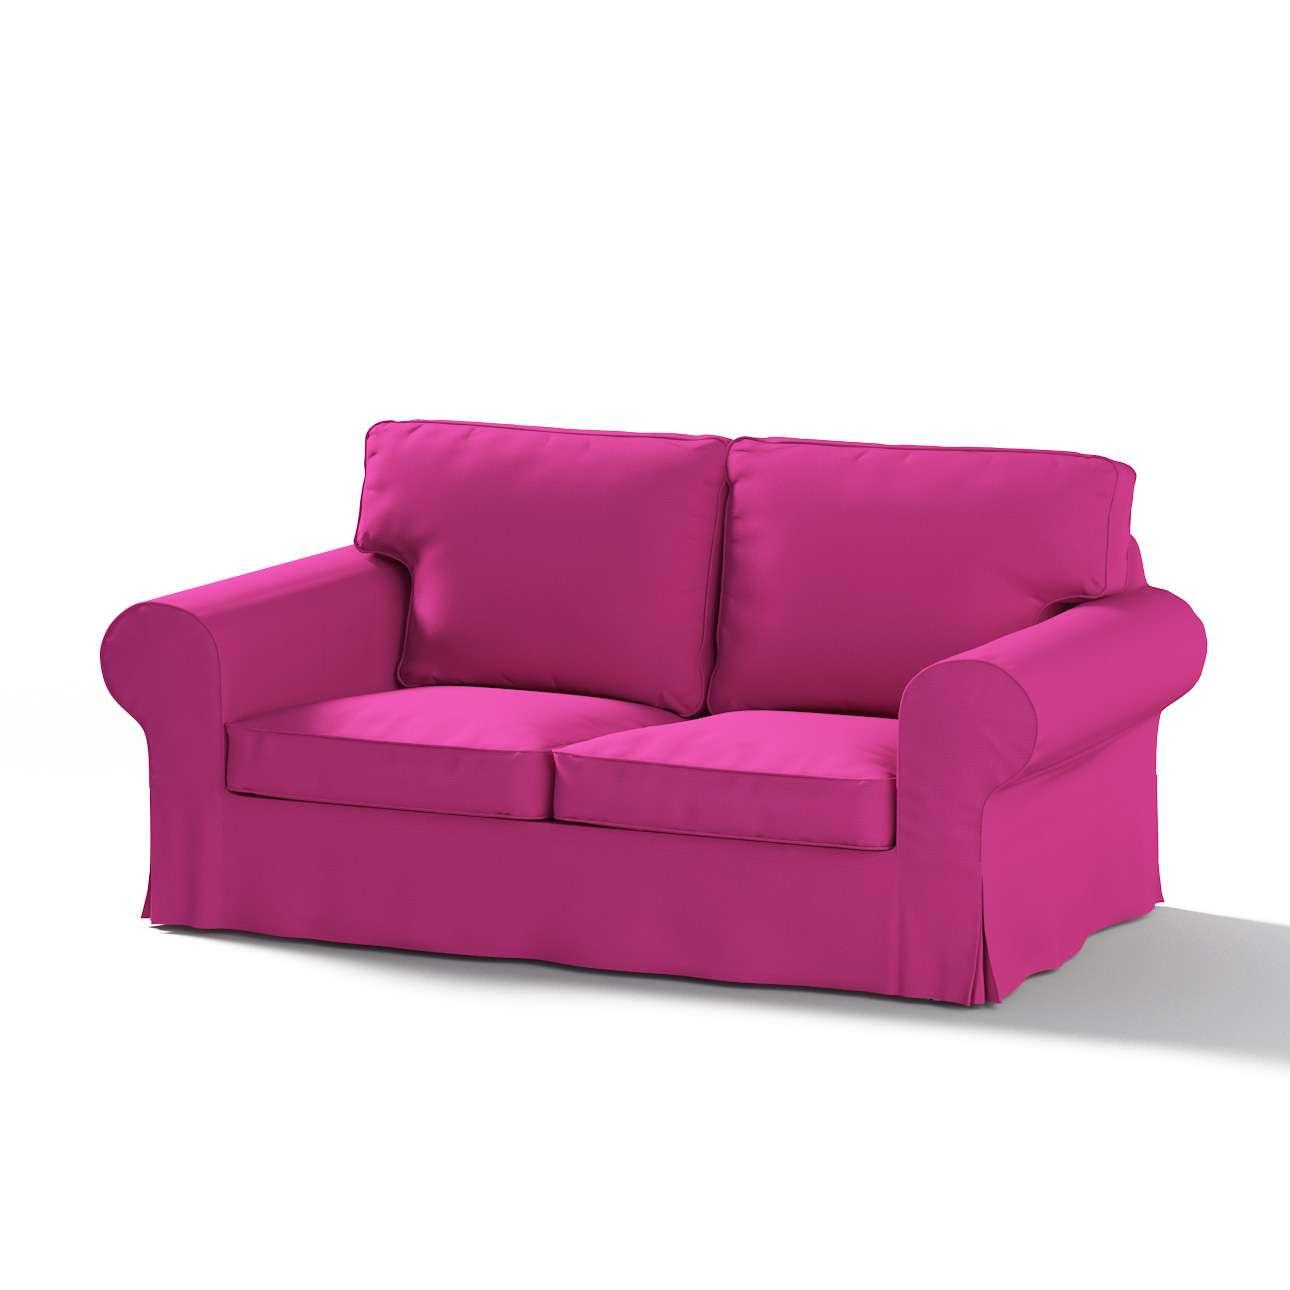 Ektorp 2-Sitzer Schlafsofabezug ALTES Modell von der Kollektion Etna, Stoff: 705-23